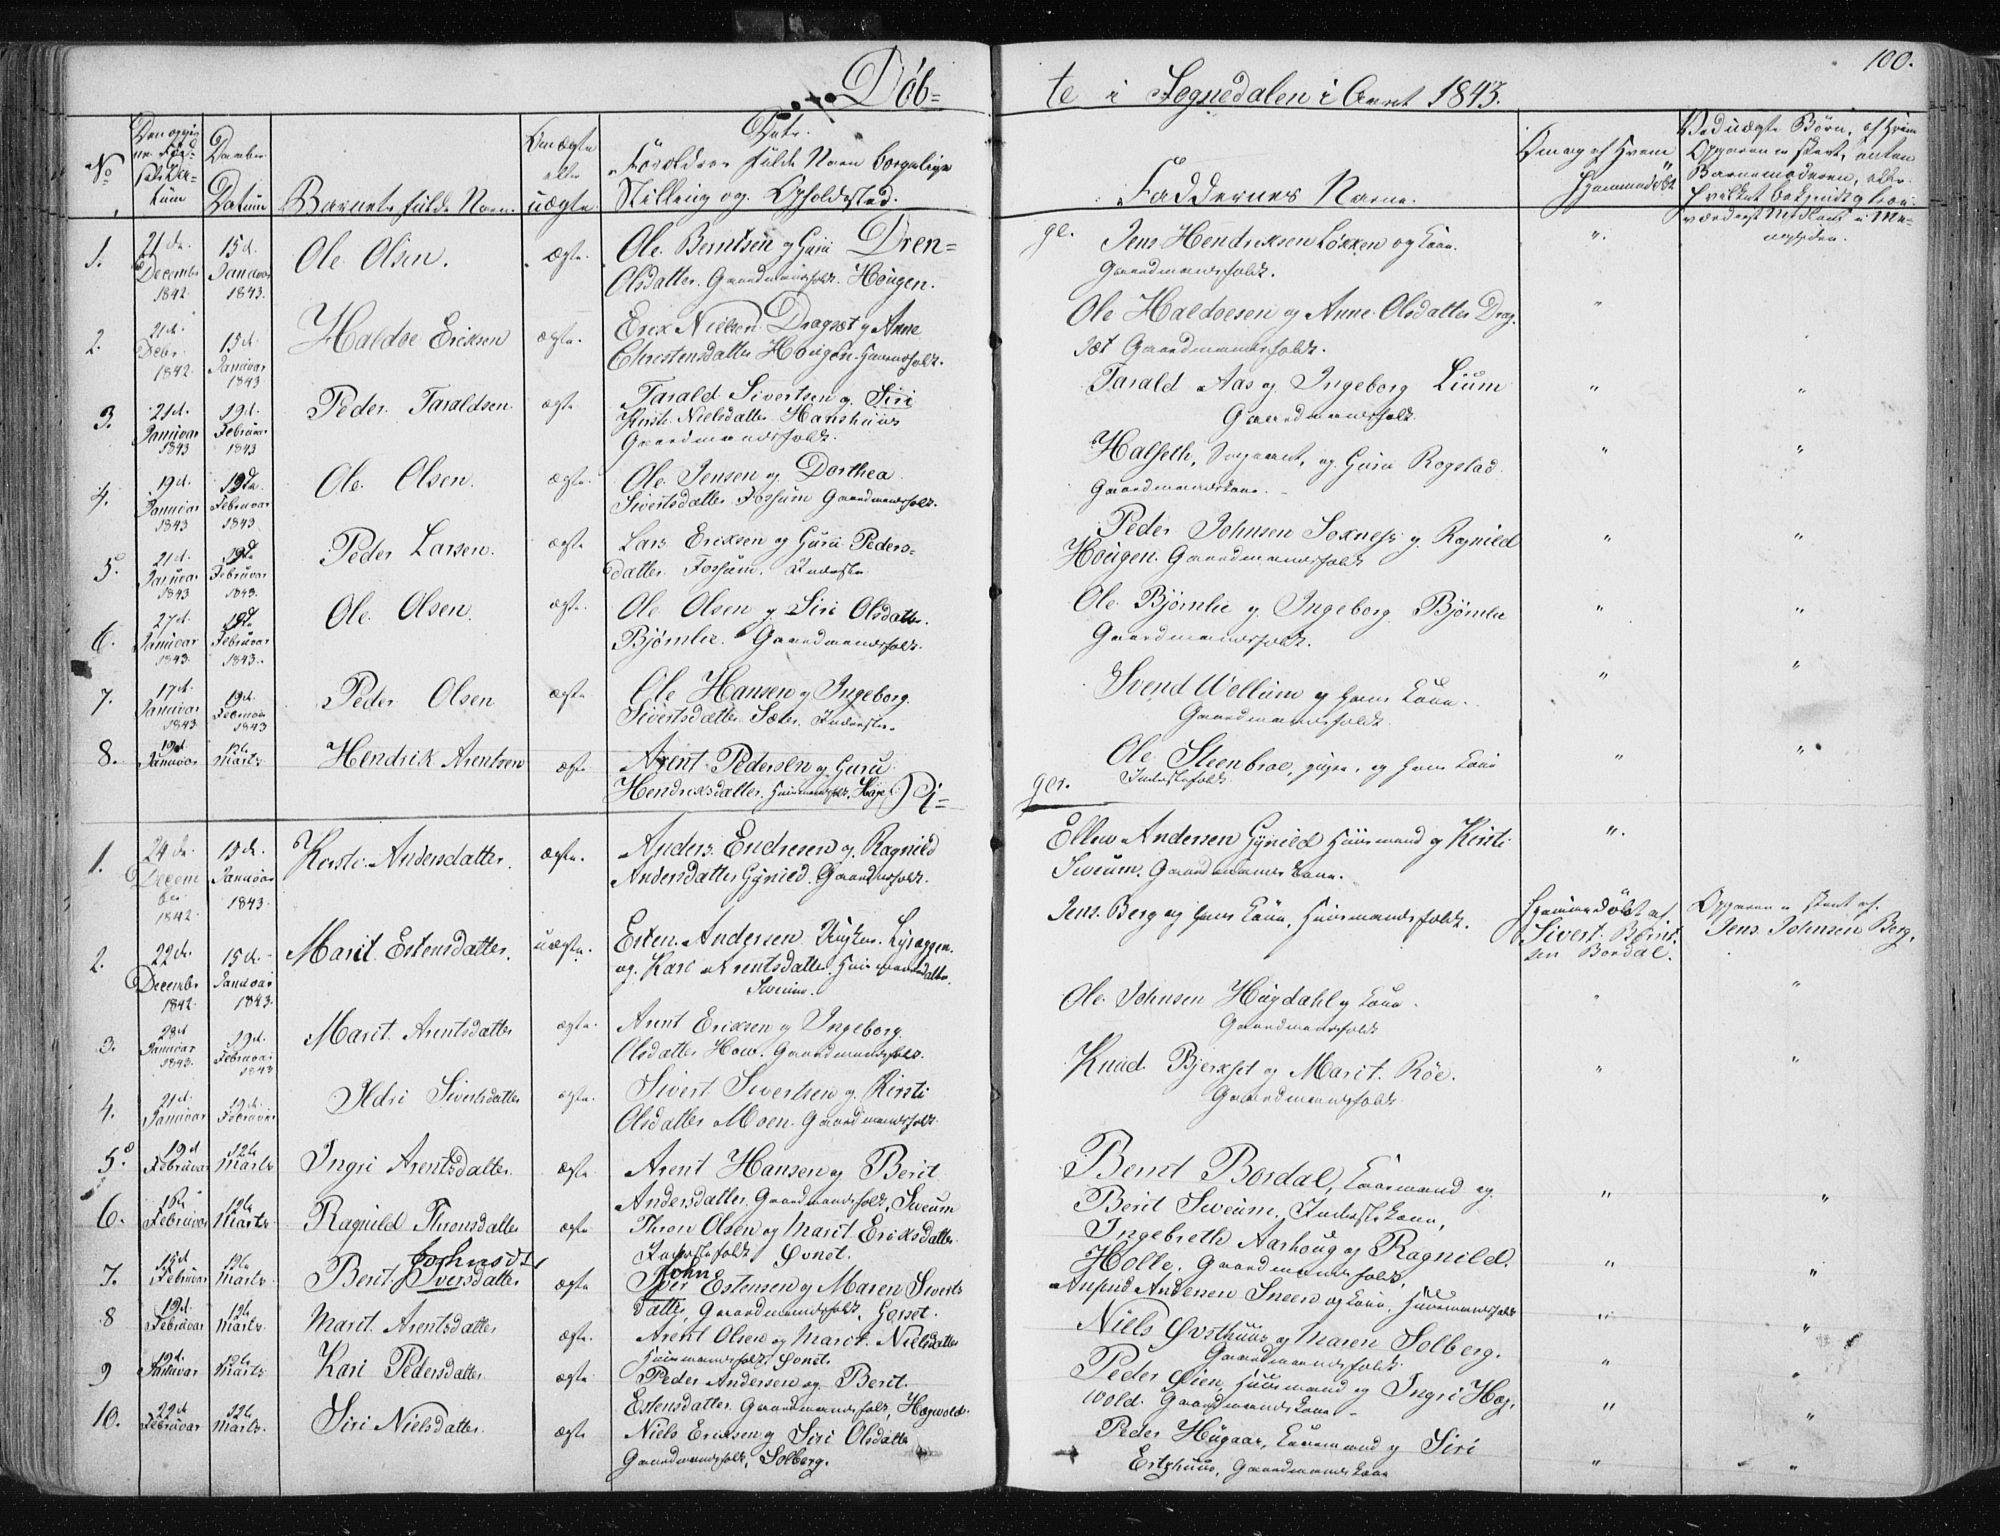 SAT, Ministerialprotokoller, klokkerbøker og fødselsregistre - Sør-Trøndelag, 687/L0999: Ministerialbok nr. 687A05 /3, 1843-1848, s. 100